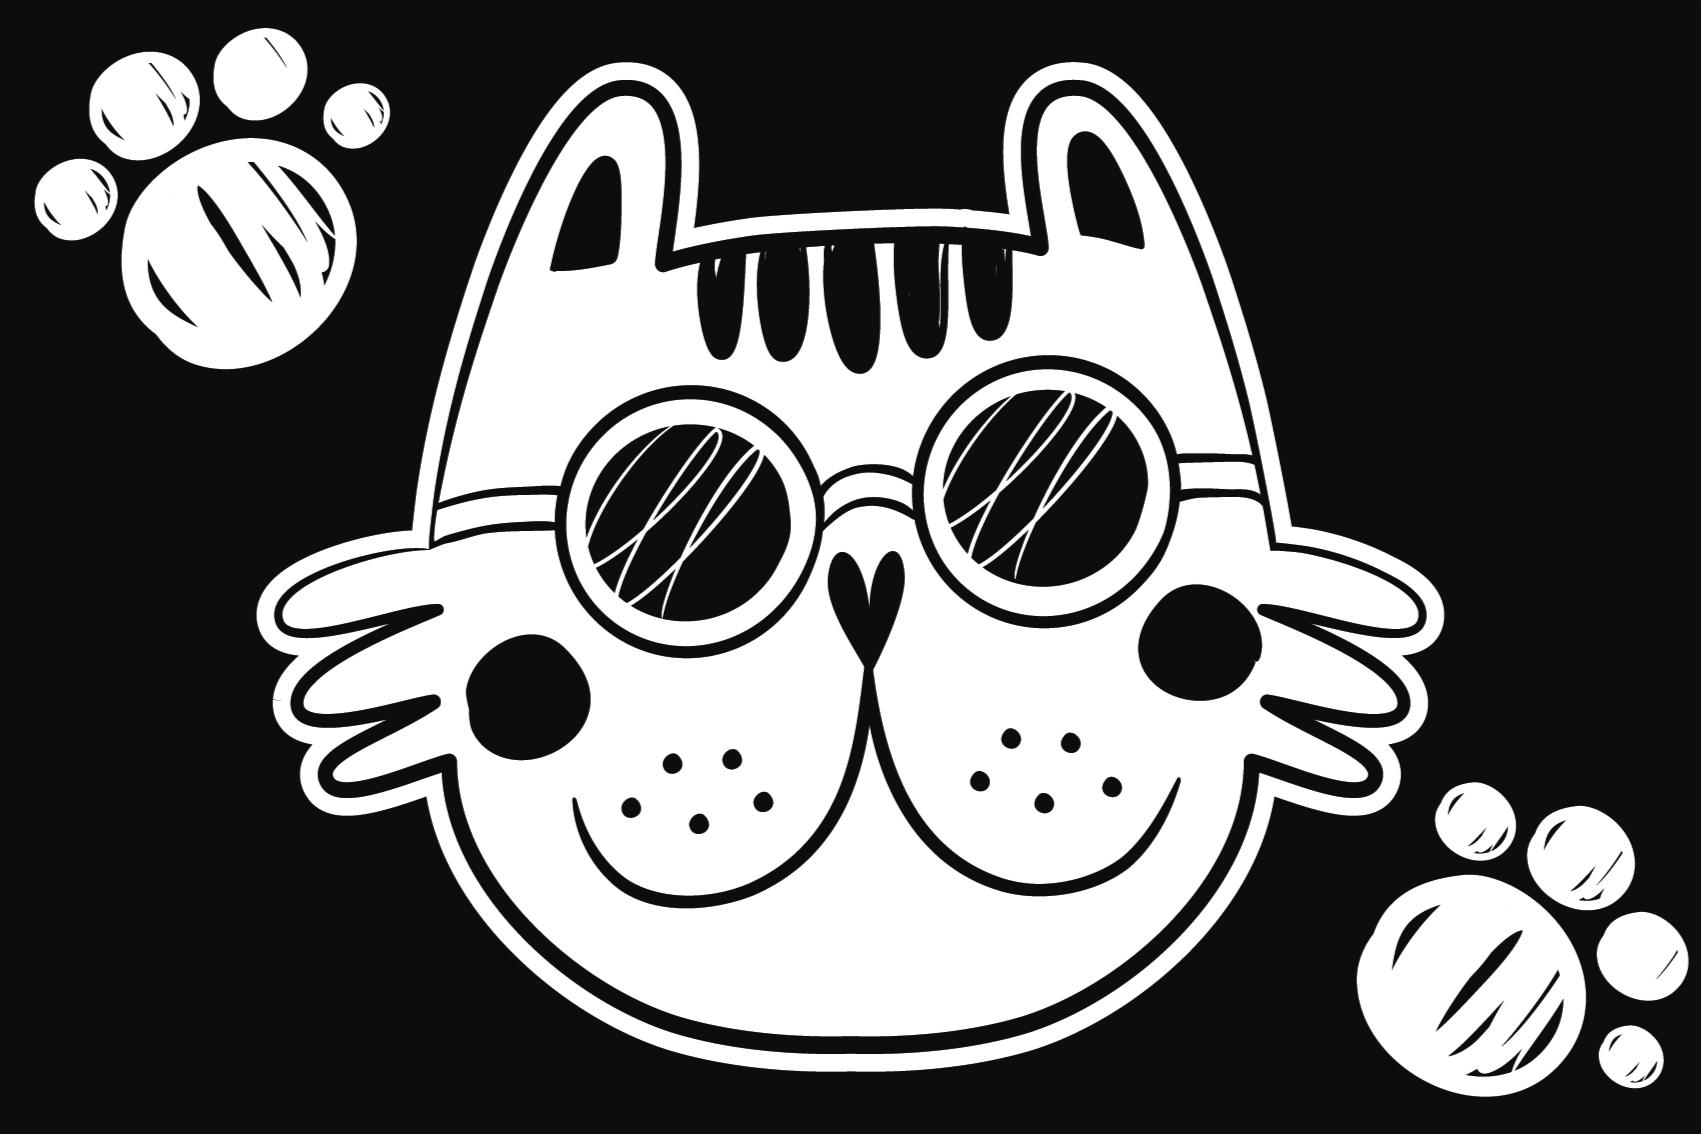 TenStickers. Dywanik winylowy biały kot. Dywan winylowy z twarzą kota na czarnym tle. Wykonana jest z wysokiej jakości winylu, dzięki czemu długo będzie cieszył oczy.